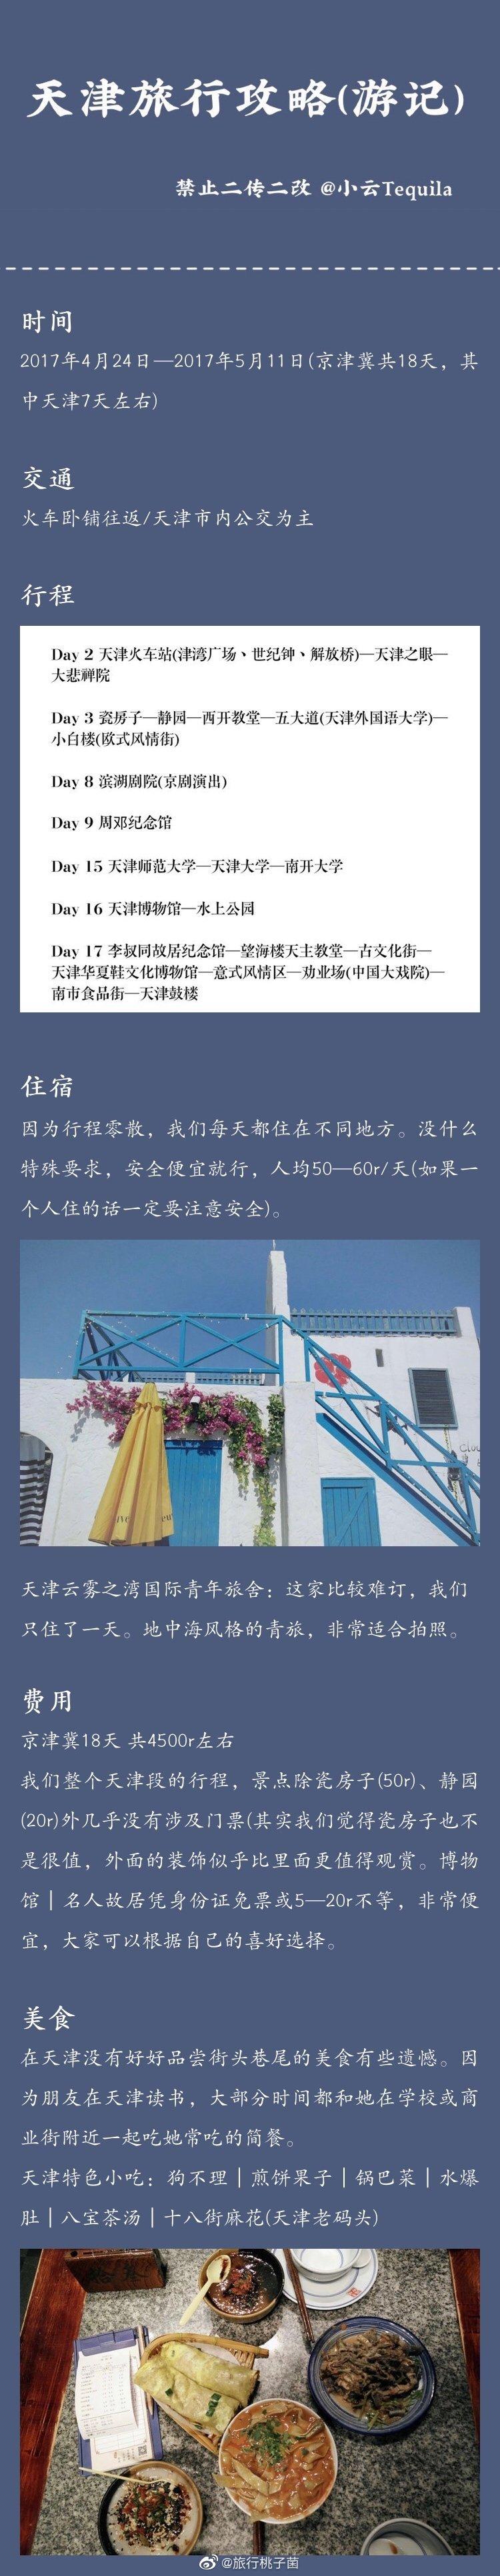 天津旅行攻略(津门故里🎡)煎饼果子、锅巴菜、水爆肚、八宝茶汤、